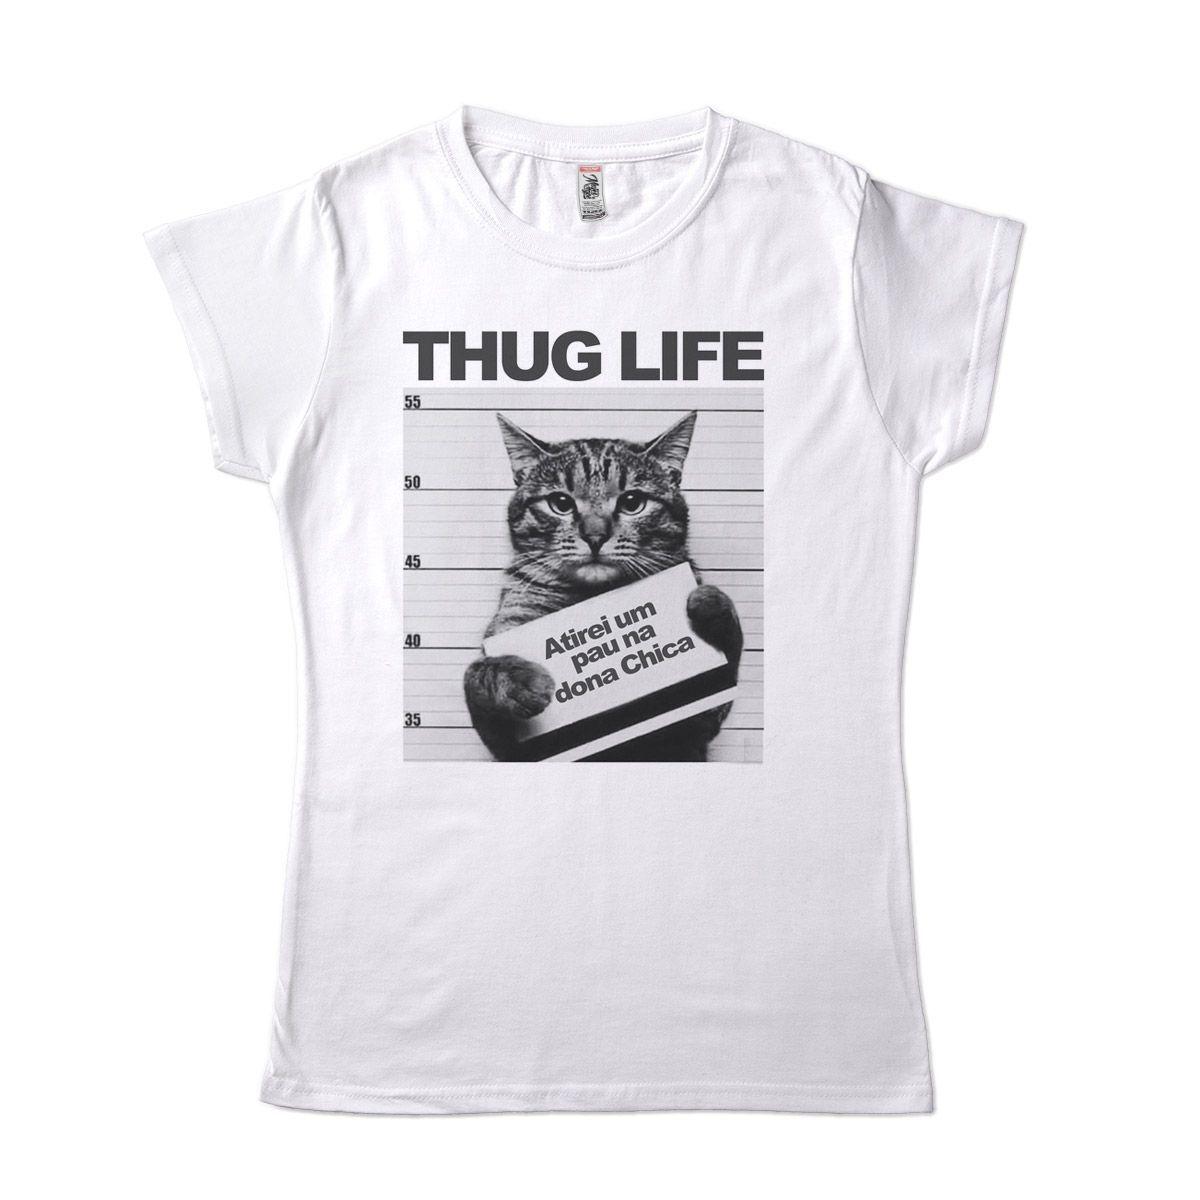 camiseta de gato preso engracada thuglife